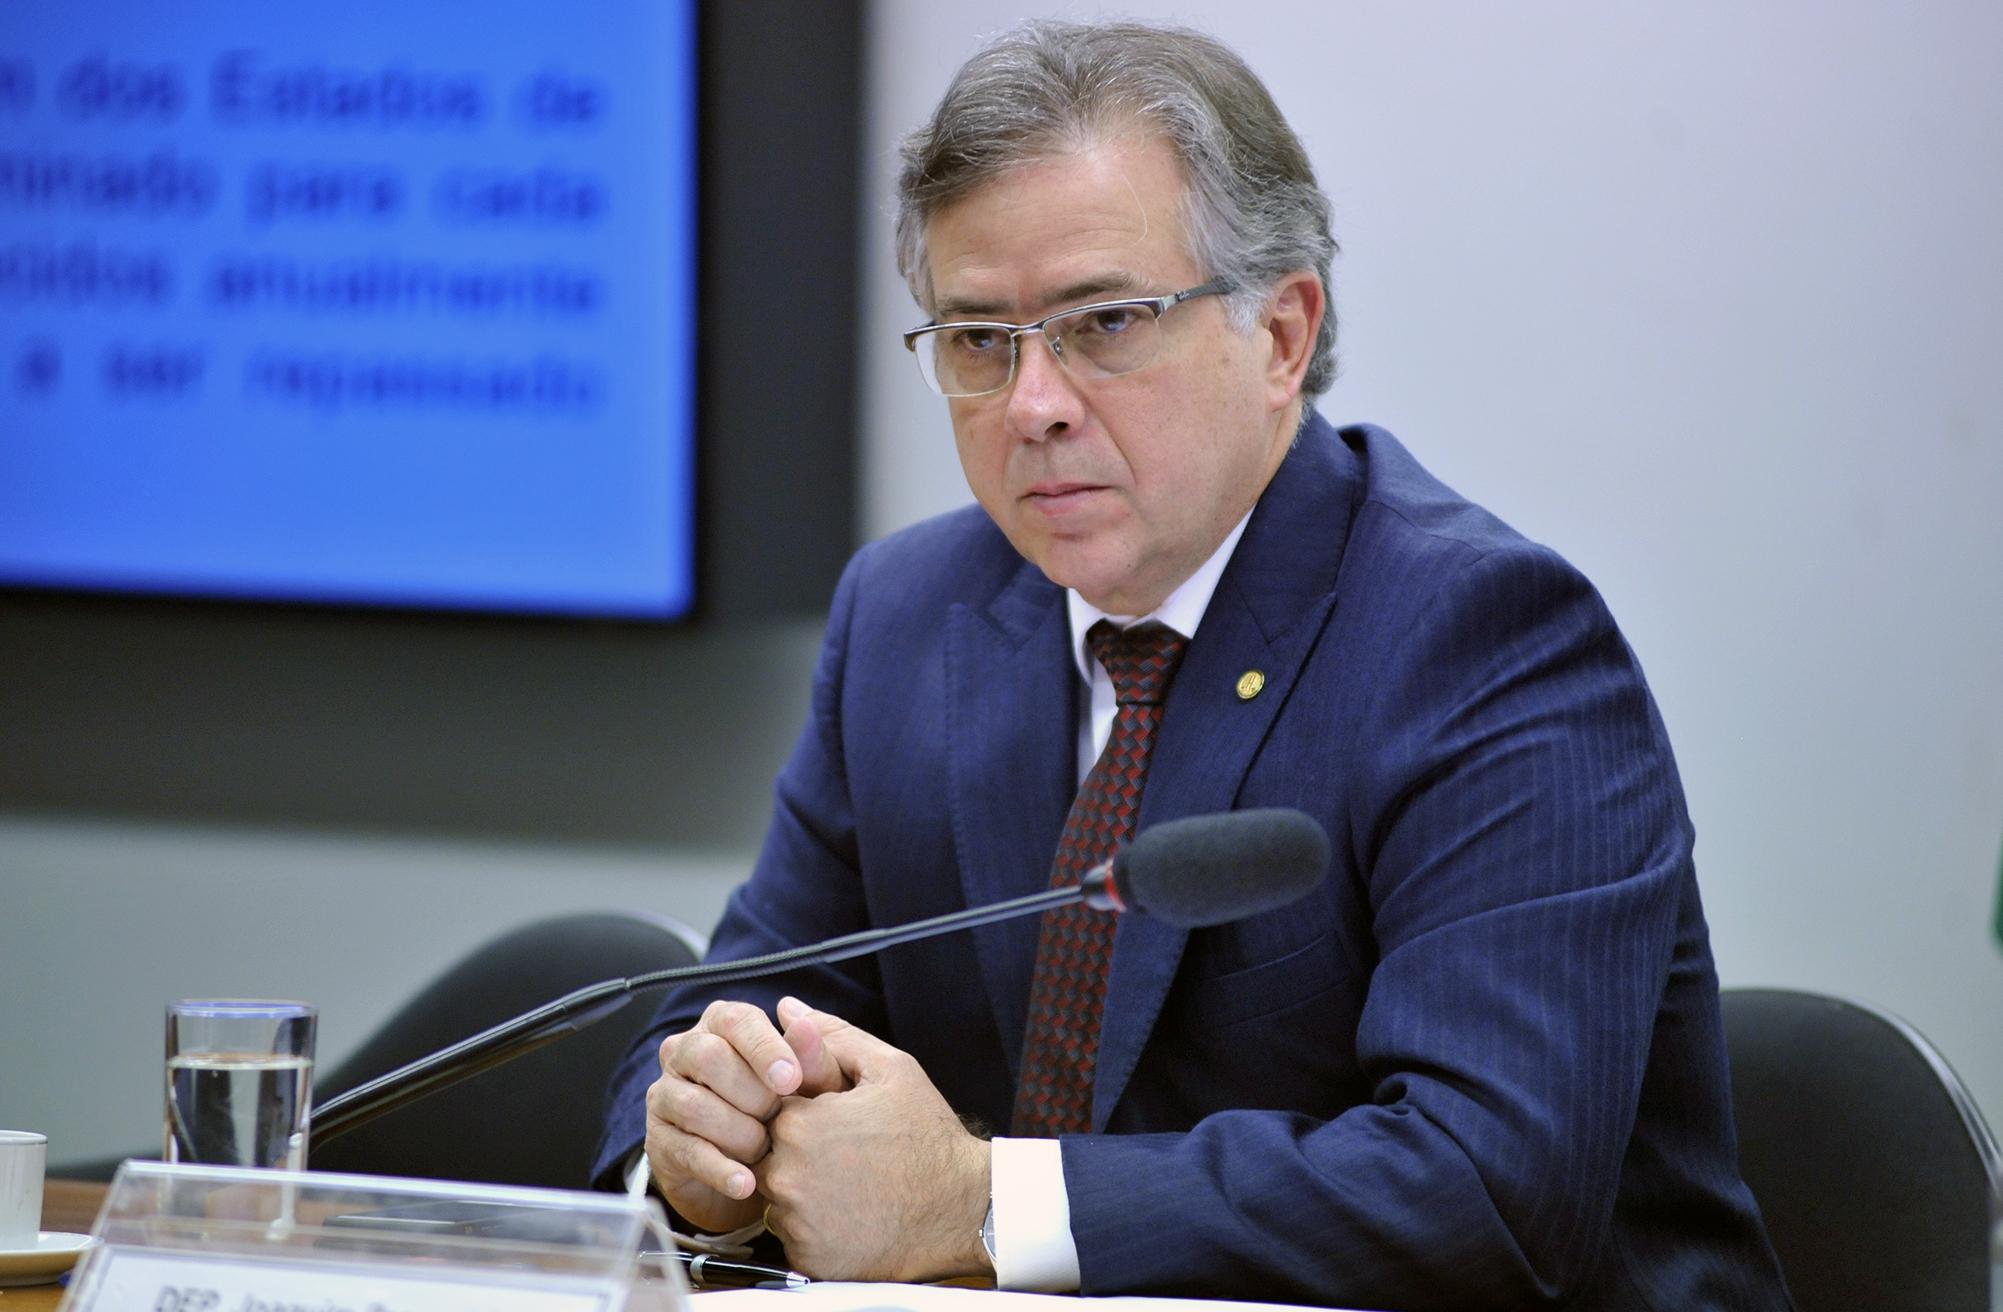 Audiência Pública e Reunião Ordinária. Dep. Joaquim Passarinho (PSD - PA)